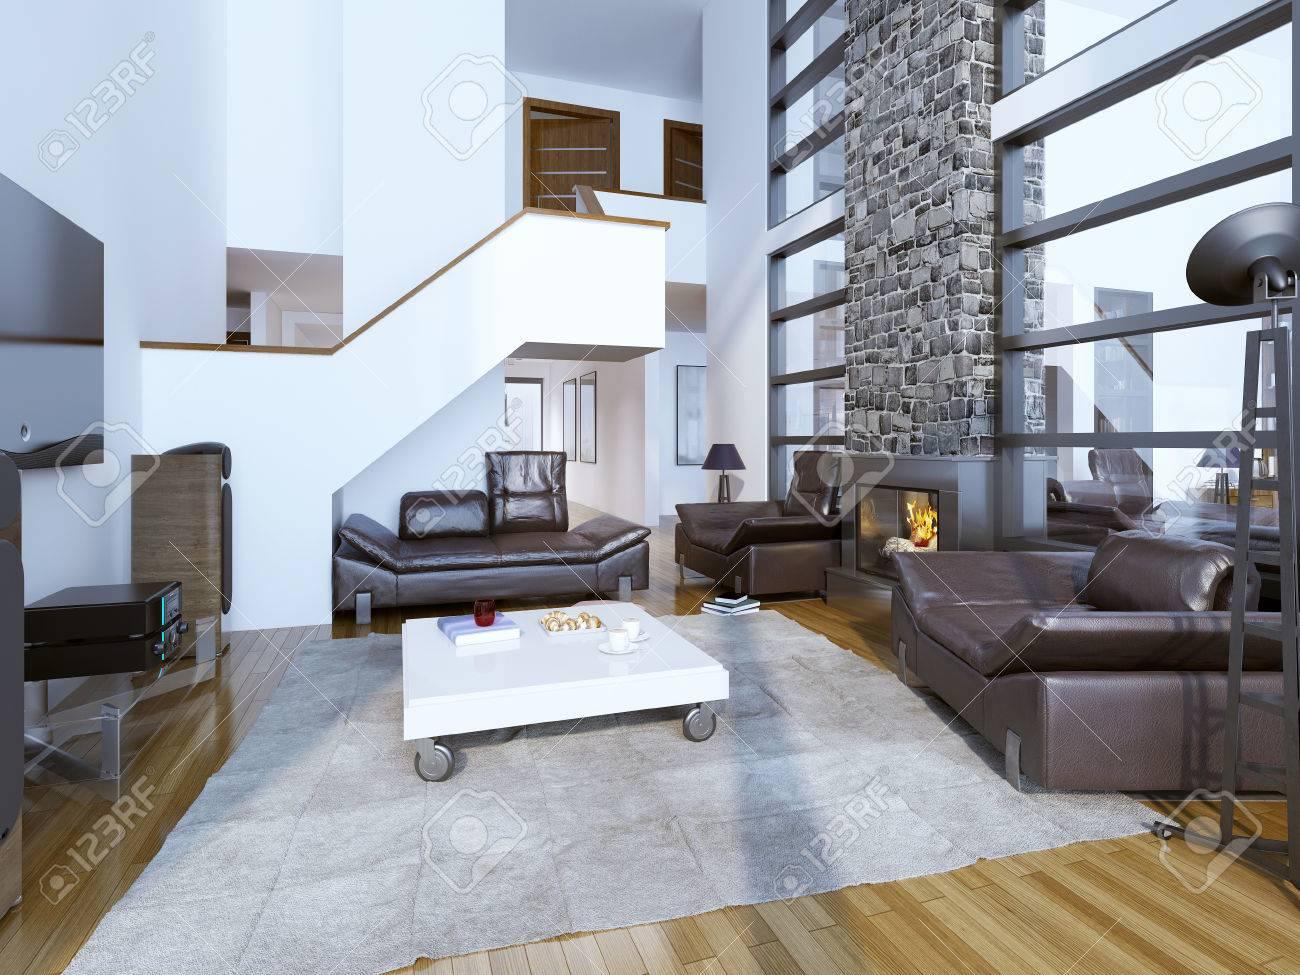 Gestaltung Von Gemütlichen Modernen Wohnzimmer. Hohe Decken ...